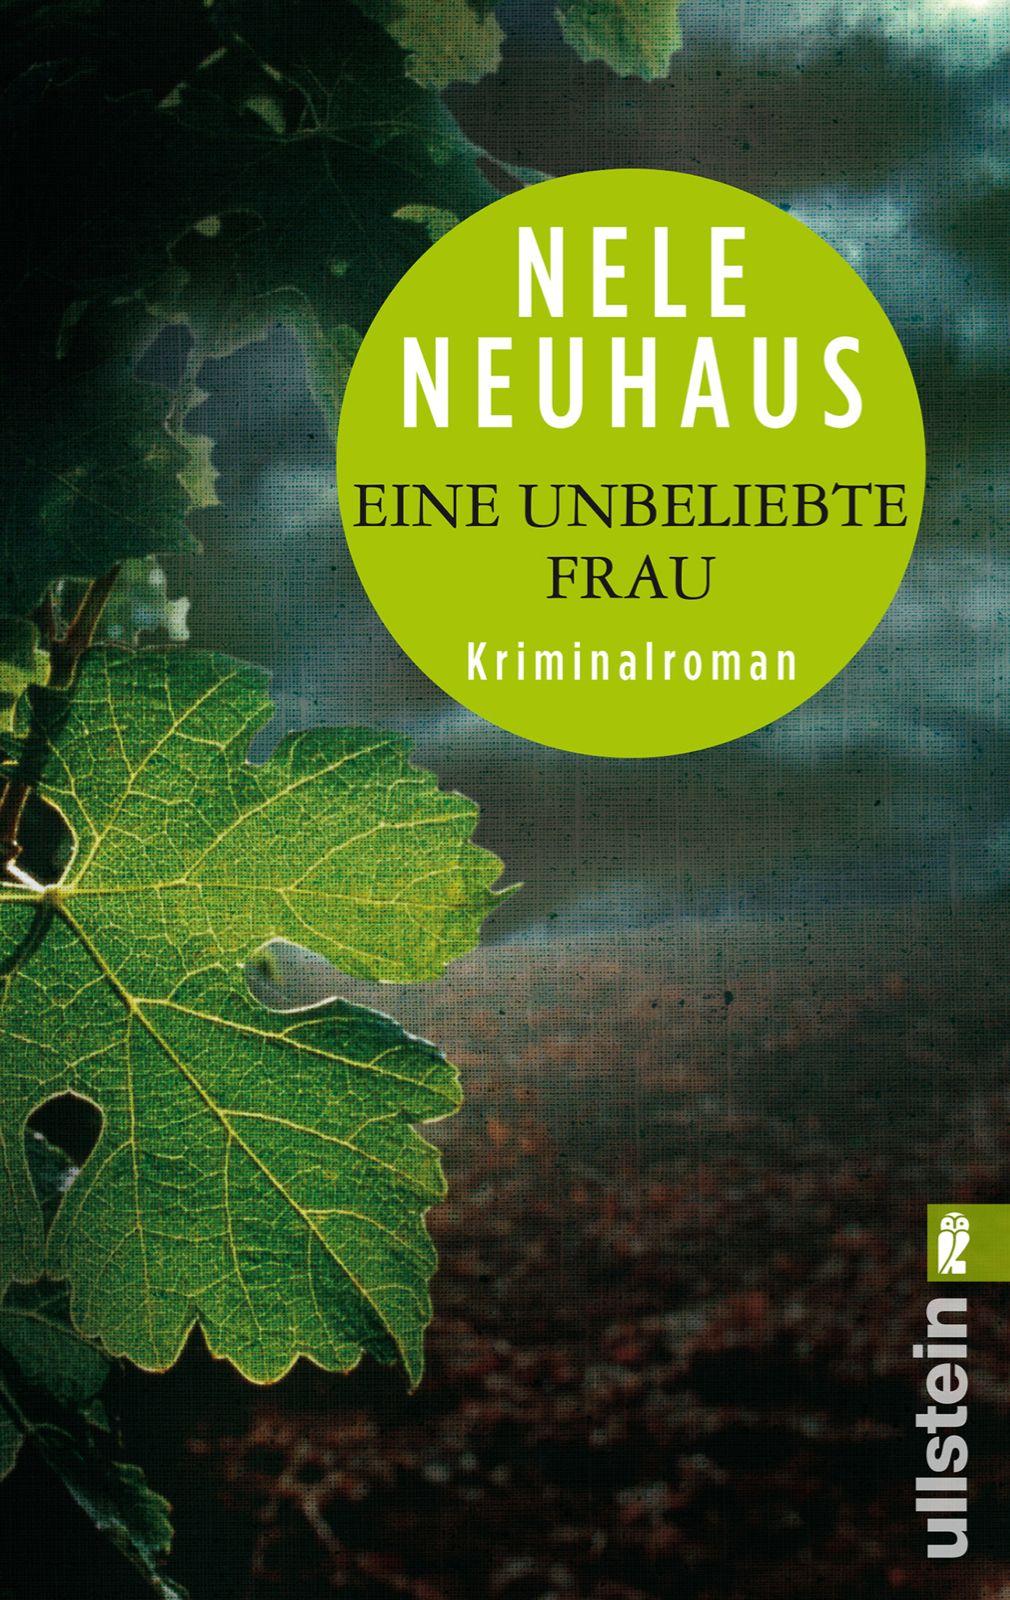 NEU-Eine-unbeliebte-Frau-Nele-Neuhaus-287416